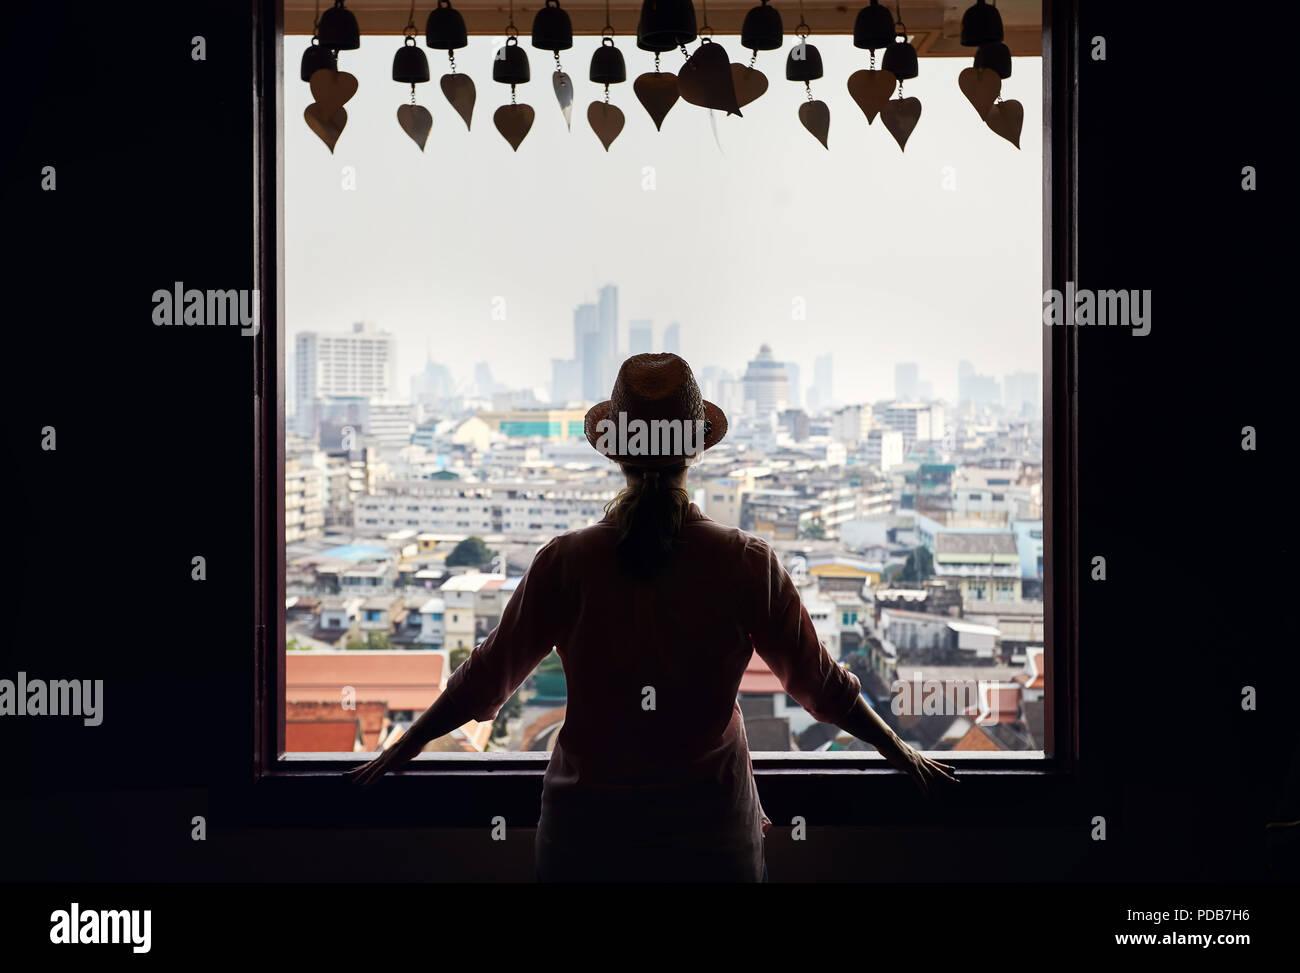 Silueta de mujer turista mirando en la ventana de vista de rascacielos de la ciudad de Bangkok desde el distrito de negocios de Montaña Dorada Pagoda Wat Saket en nublado Foto de stock